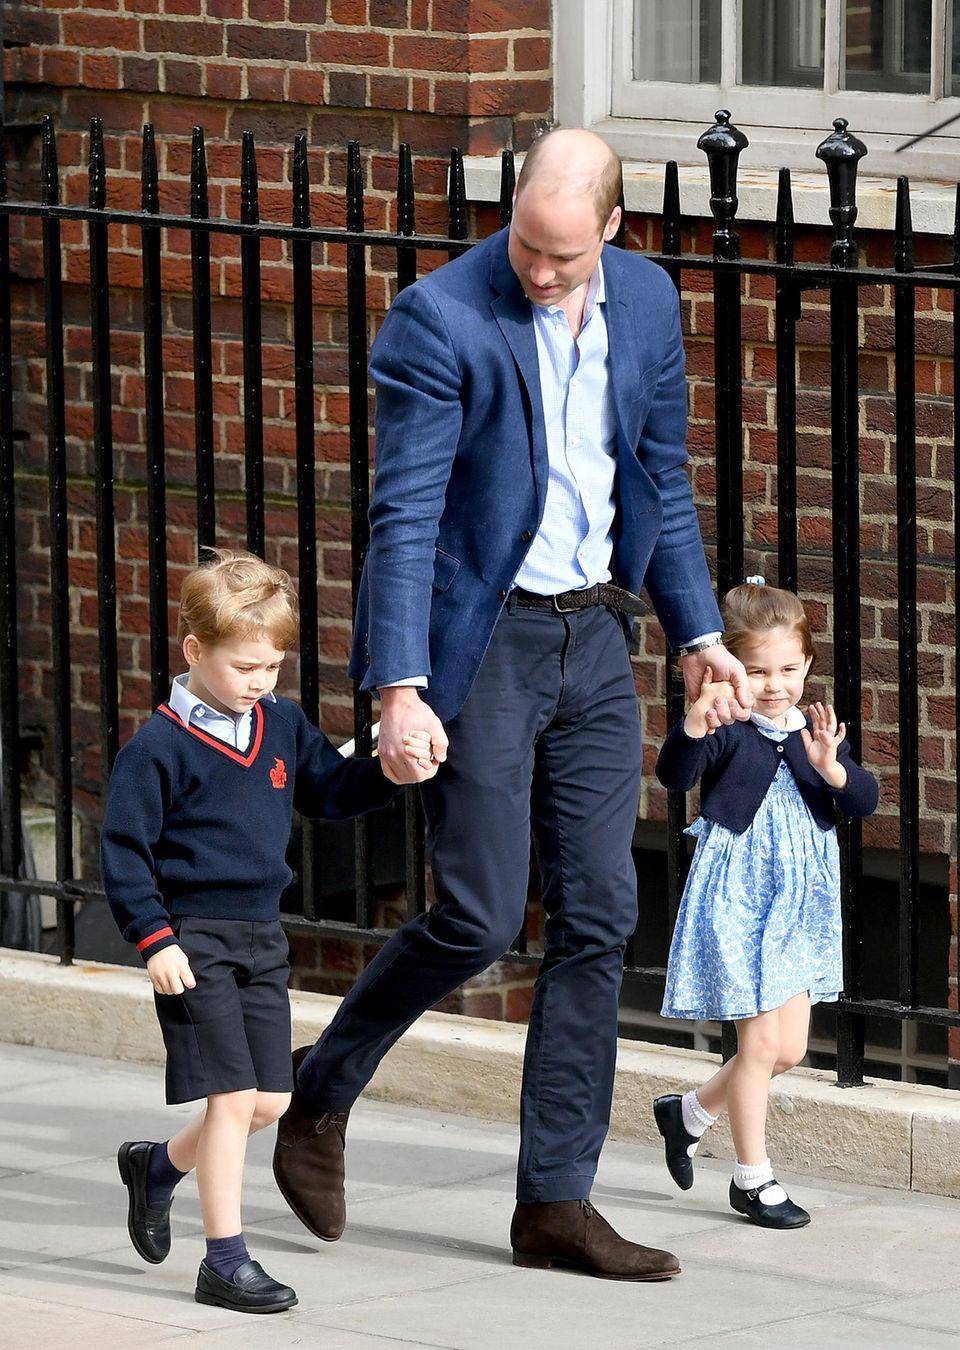 Baby Nummer 3 ist da! William & Kate sind wieder Eltern geworden ?